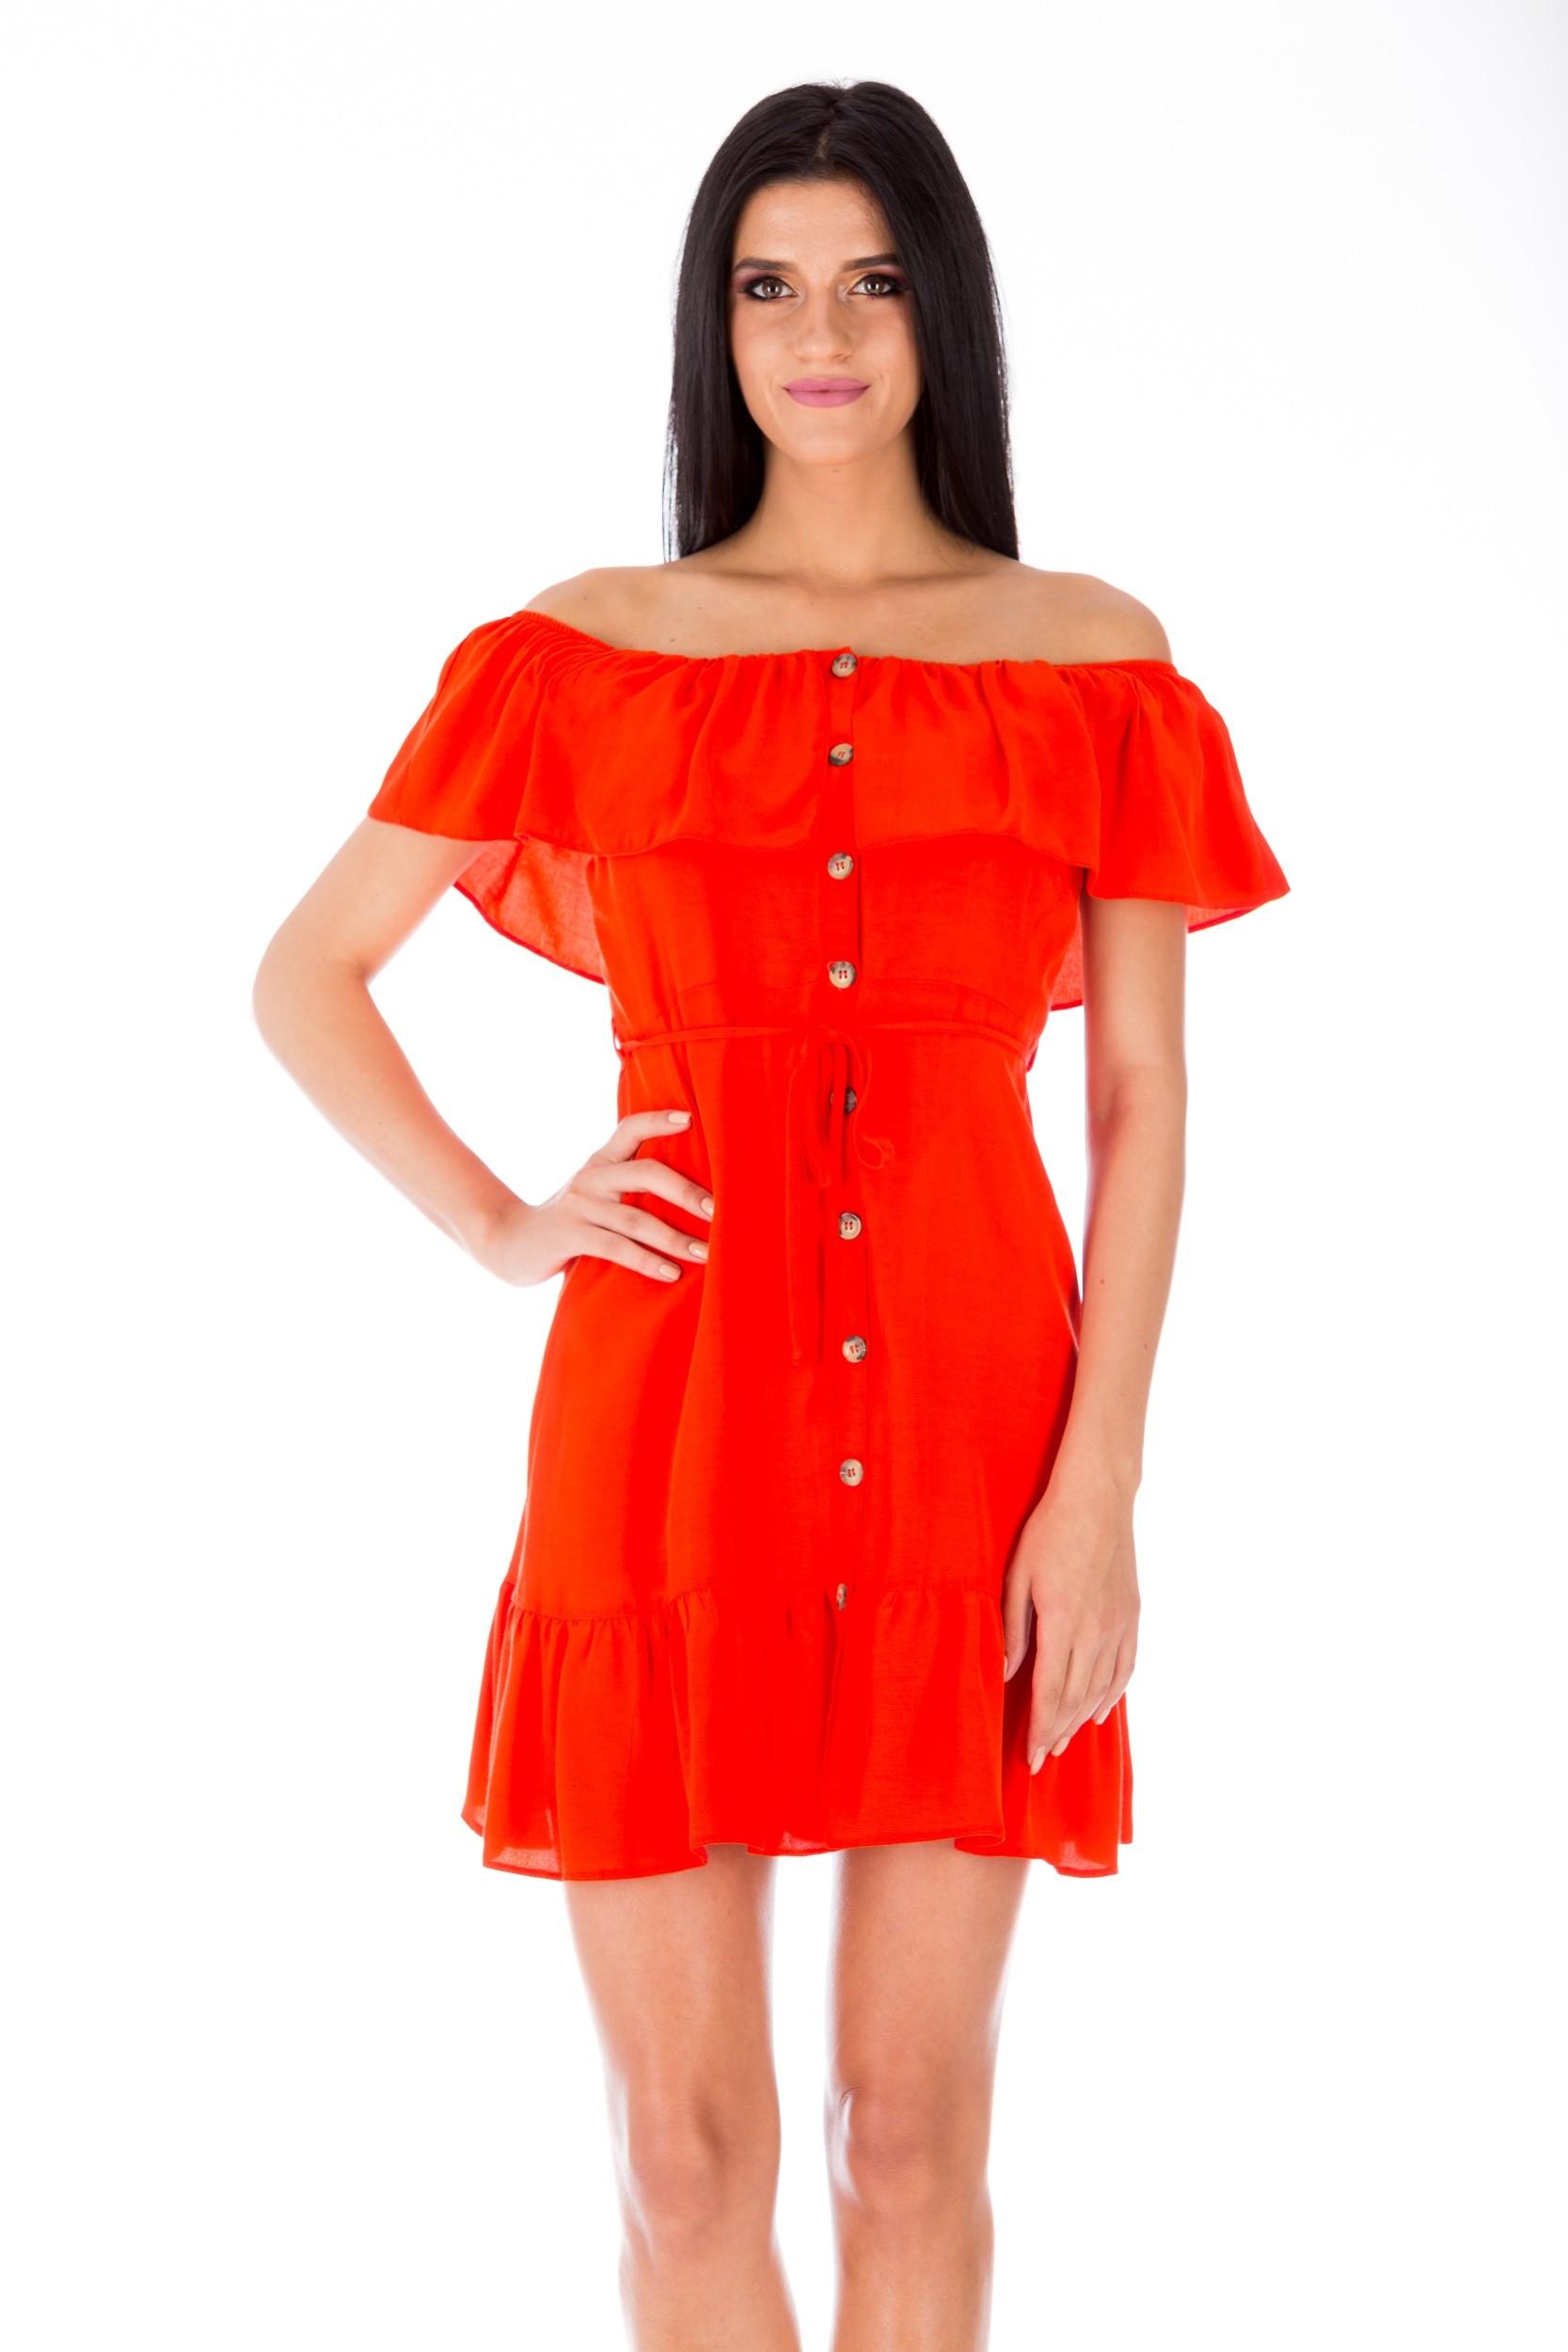 Rochie portocalie scurtă cu umerii căzuți